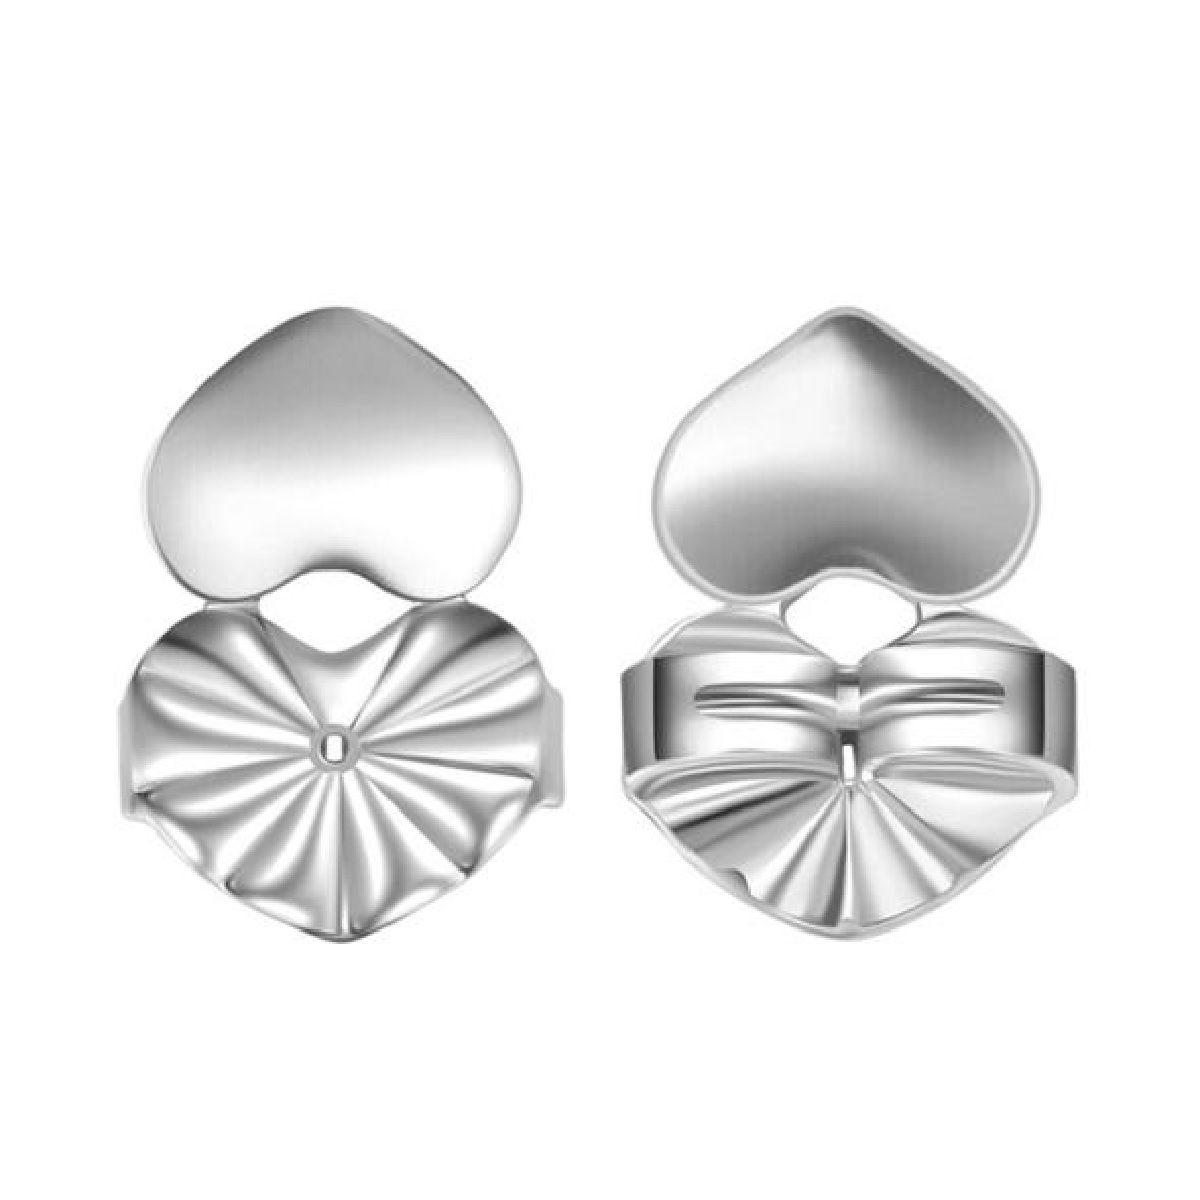 Ear Cuff Delicado Palito Turquesa Semijoia Ródio Branco Cravejado Zircônia  - Soloyou